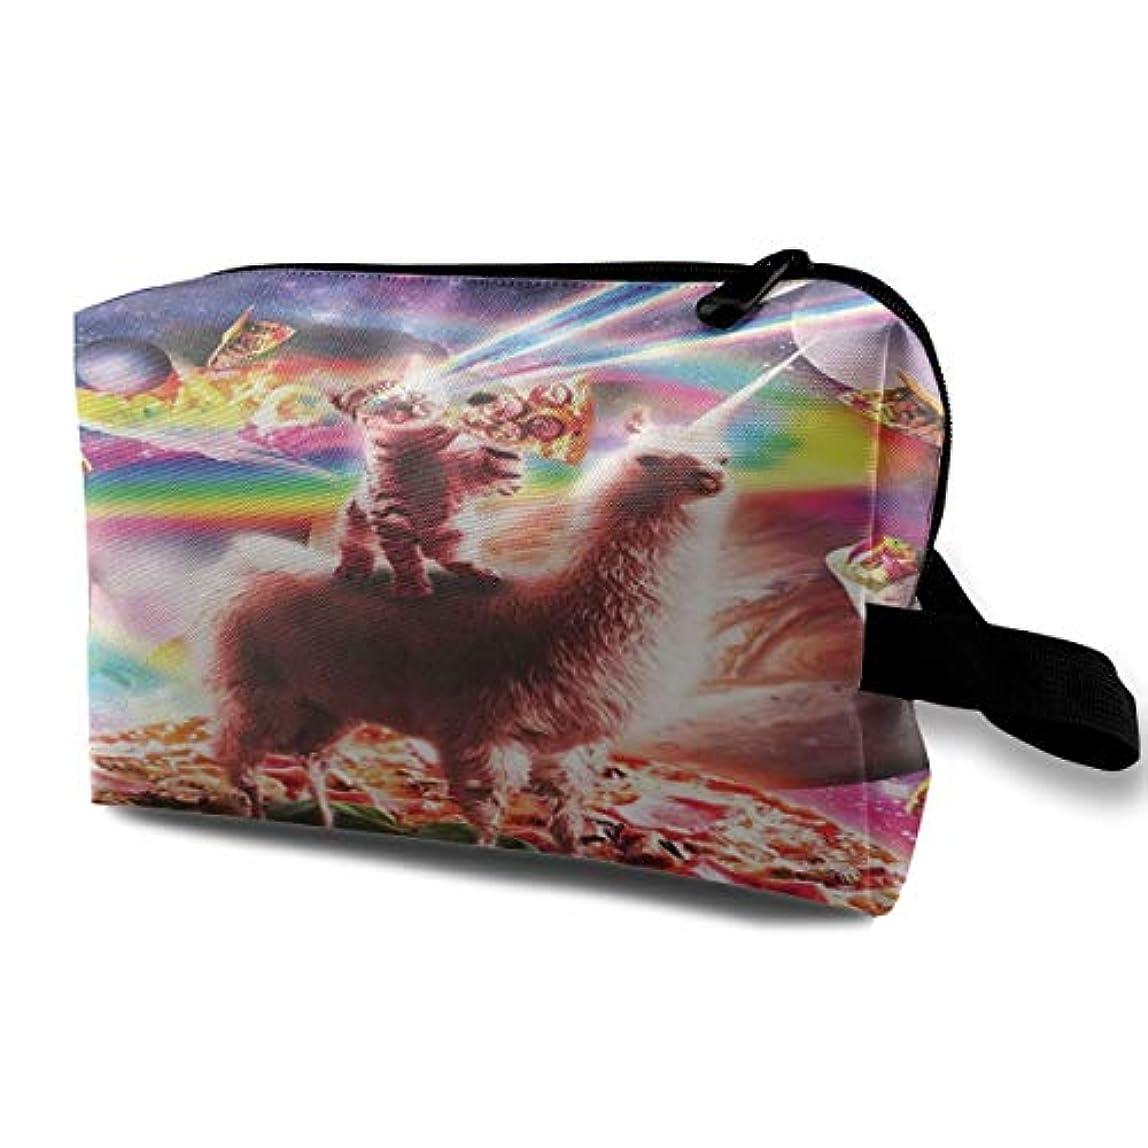 悲しい滑り台海賊Laser Eyes Cat Riding On Llama Unicorn 収納ポーチ 化粧ポーチ 大容量 軽量 耐久性 ハンドル付持ち運び便利。入れ 自宅?出張?旅行?アウトドア撮影などに対応。メンズ レディース トラベルグッズ